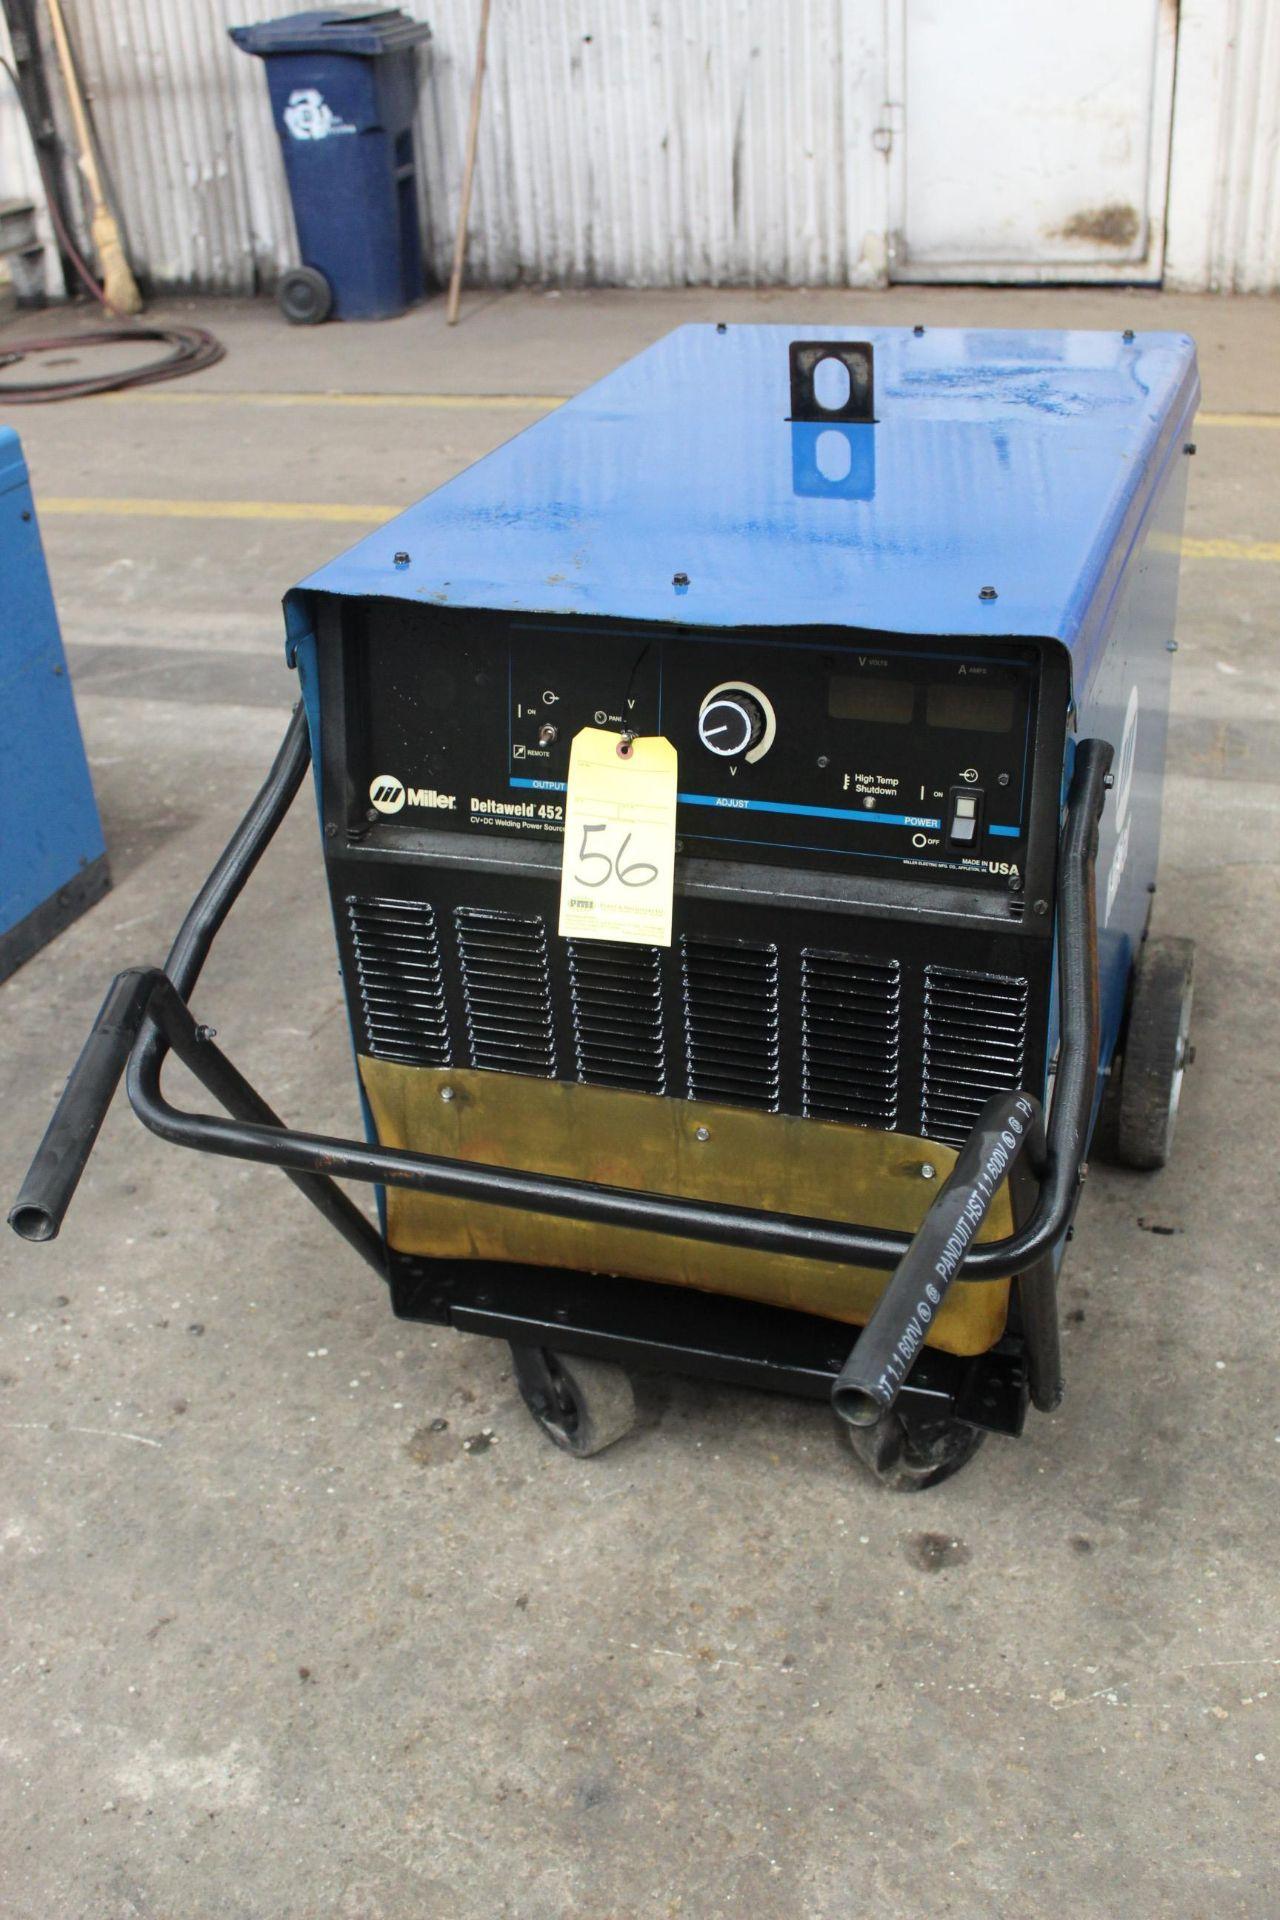 Lot 56 - WELDING MACHINE, MILLER MDL. DELTAWELD 452, 450 amps @ 38 v., 100% duty cycle, S/N KH509517